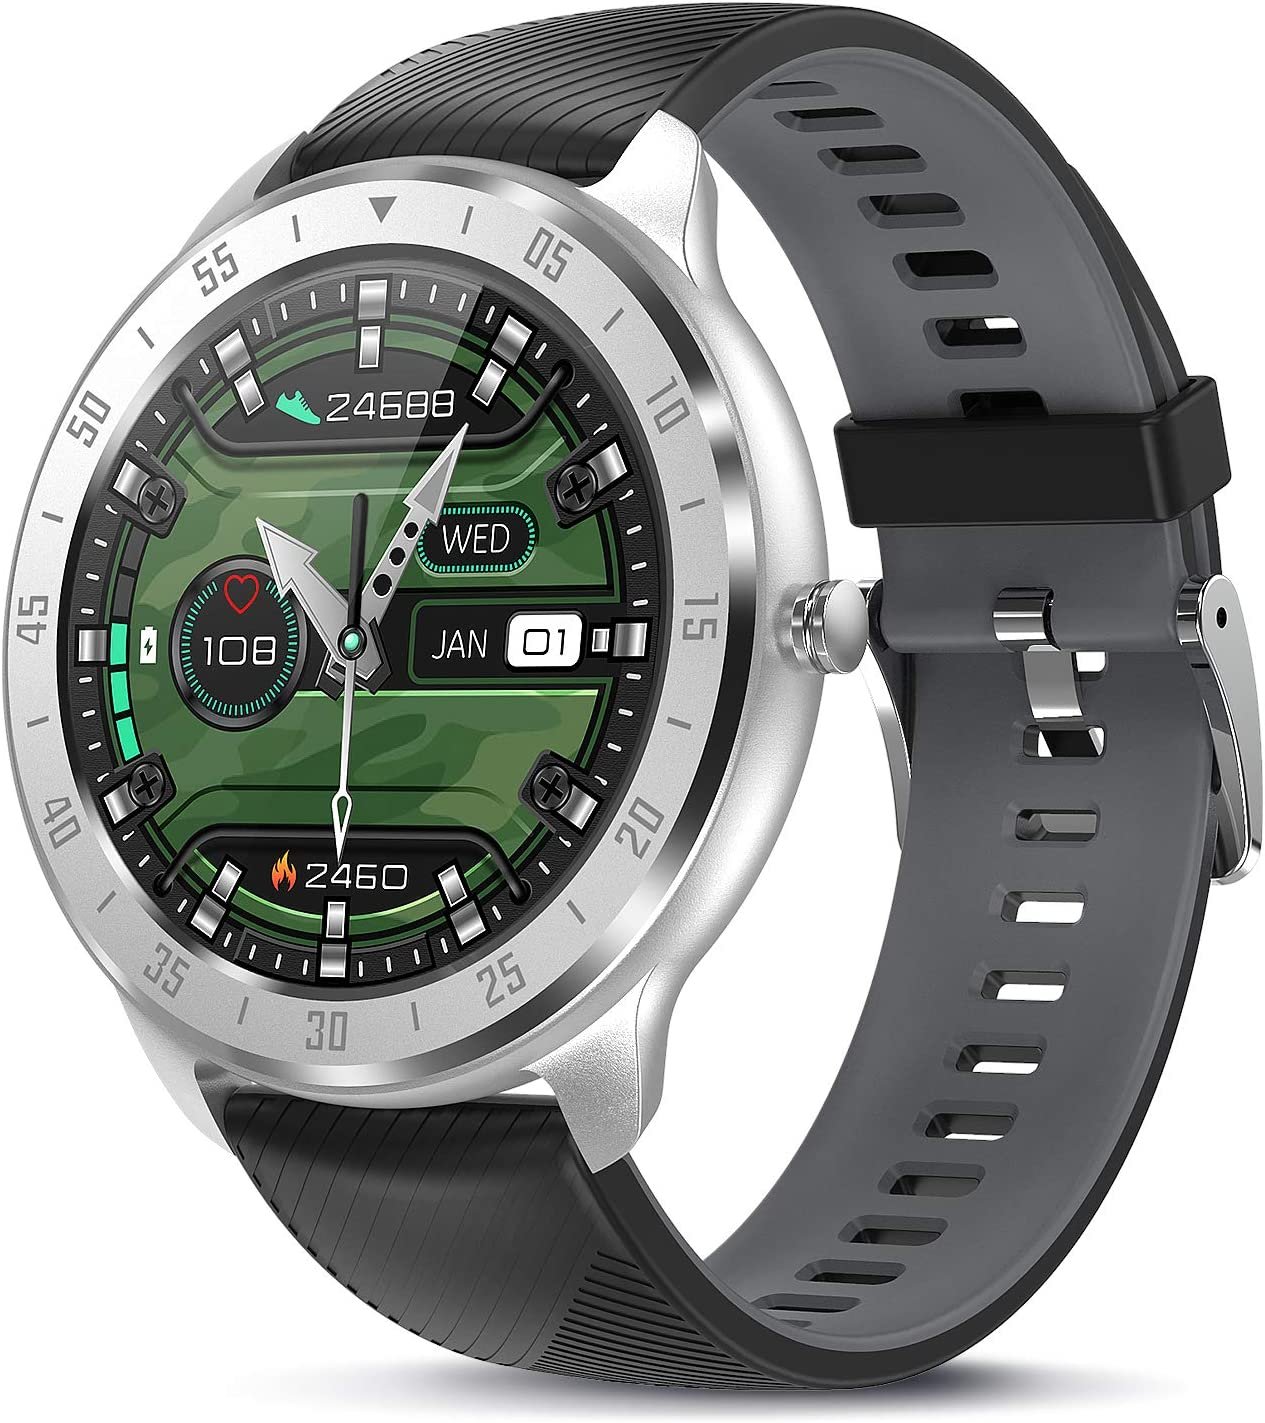 TagoBee Smartwatch Reloj Inteligente Hombr Mujer IP67 Pulsera Actividad con Monitor de Sueño Pulsómetros,1.3inch Pantalla Táctil Completa Reloj Deportivo Hombre con Podómetro Caloría para Android iOS